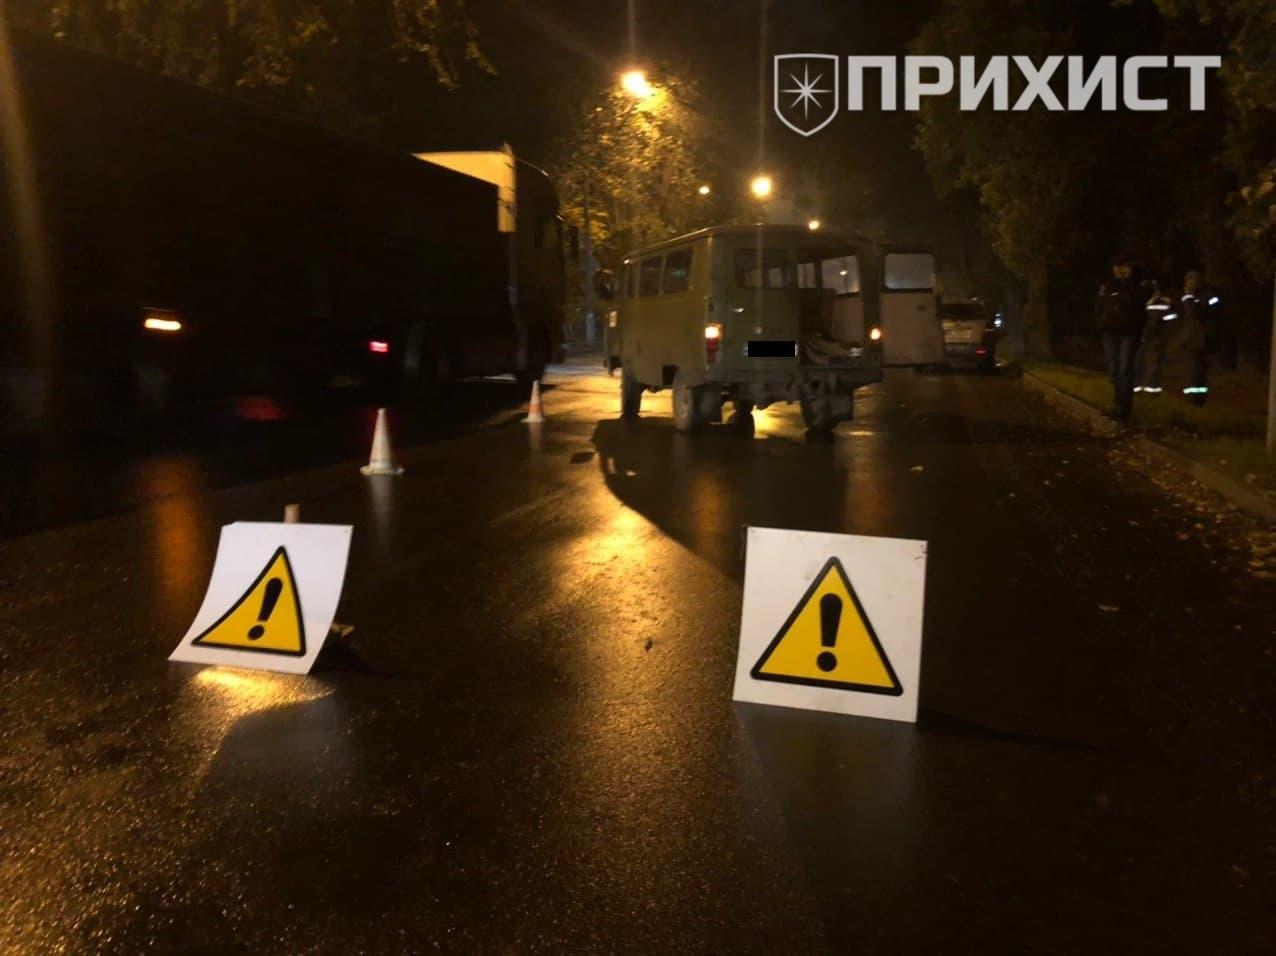 На улице Героев Чернобыля автомобиль сбил человека   Прихист